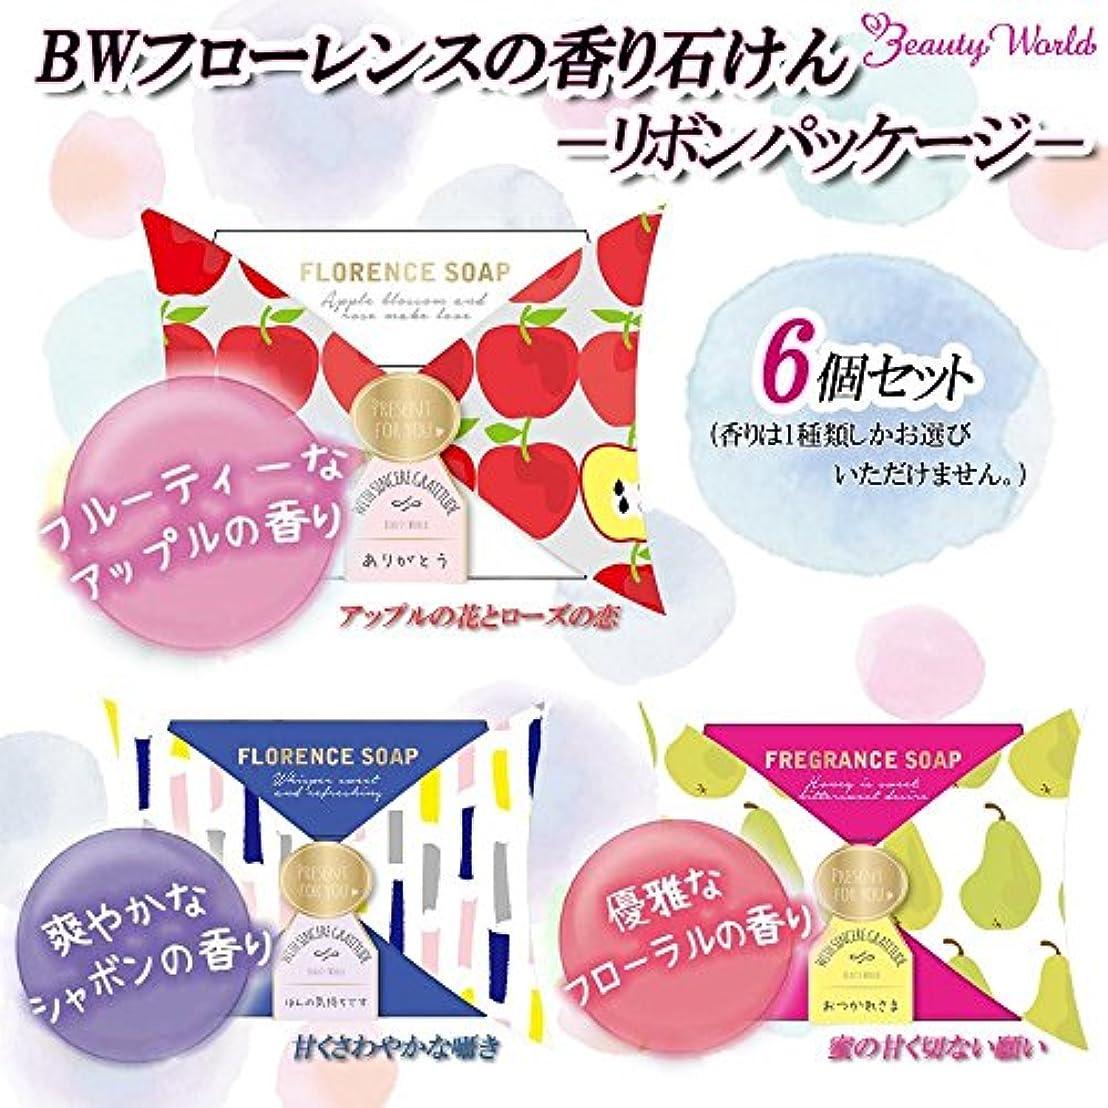 葉マージン自己ビューティーワールド BWフローレンスの香り石けん リボンパッケージ 6個セット ■3種類の内「FSP385?甘くさわやかな囁き」を1点のみです